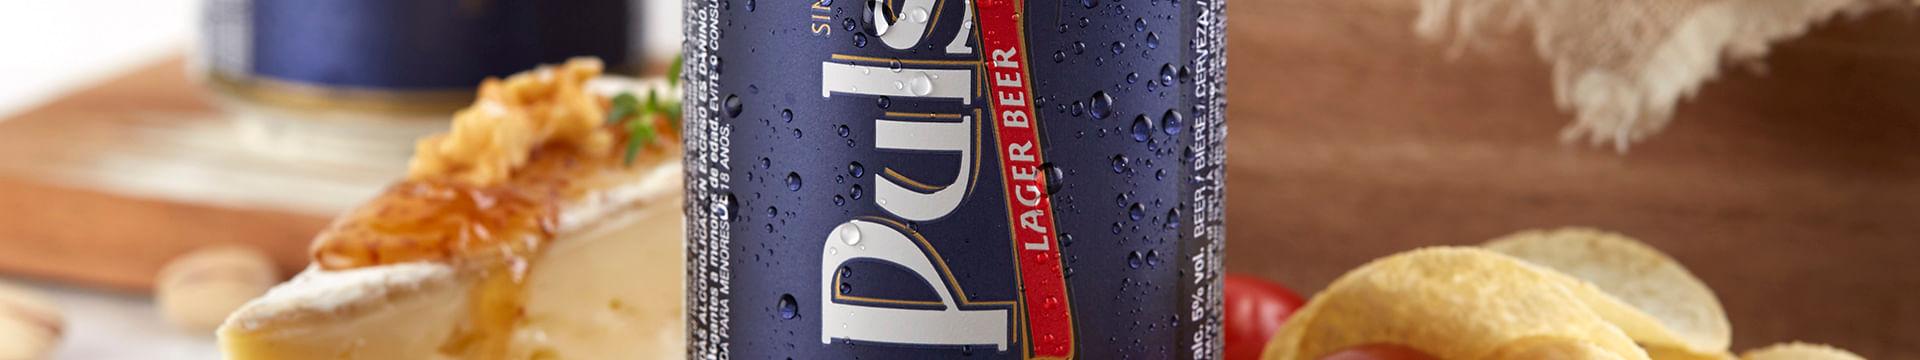 Slider Cerveza D